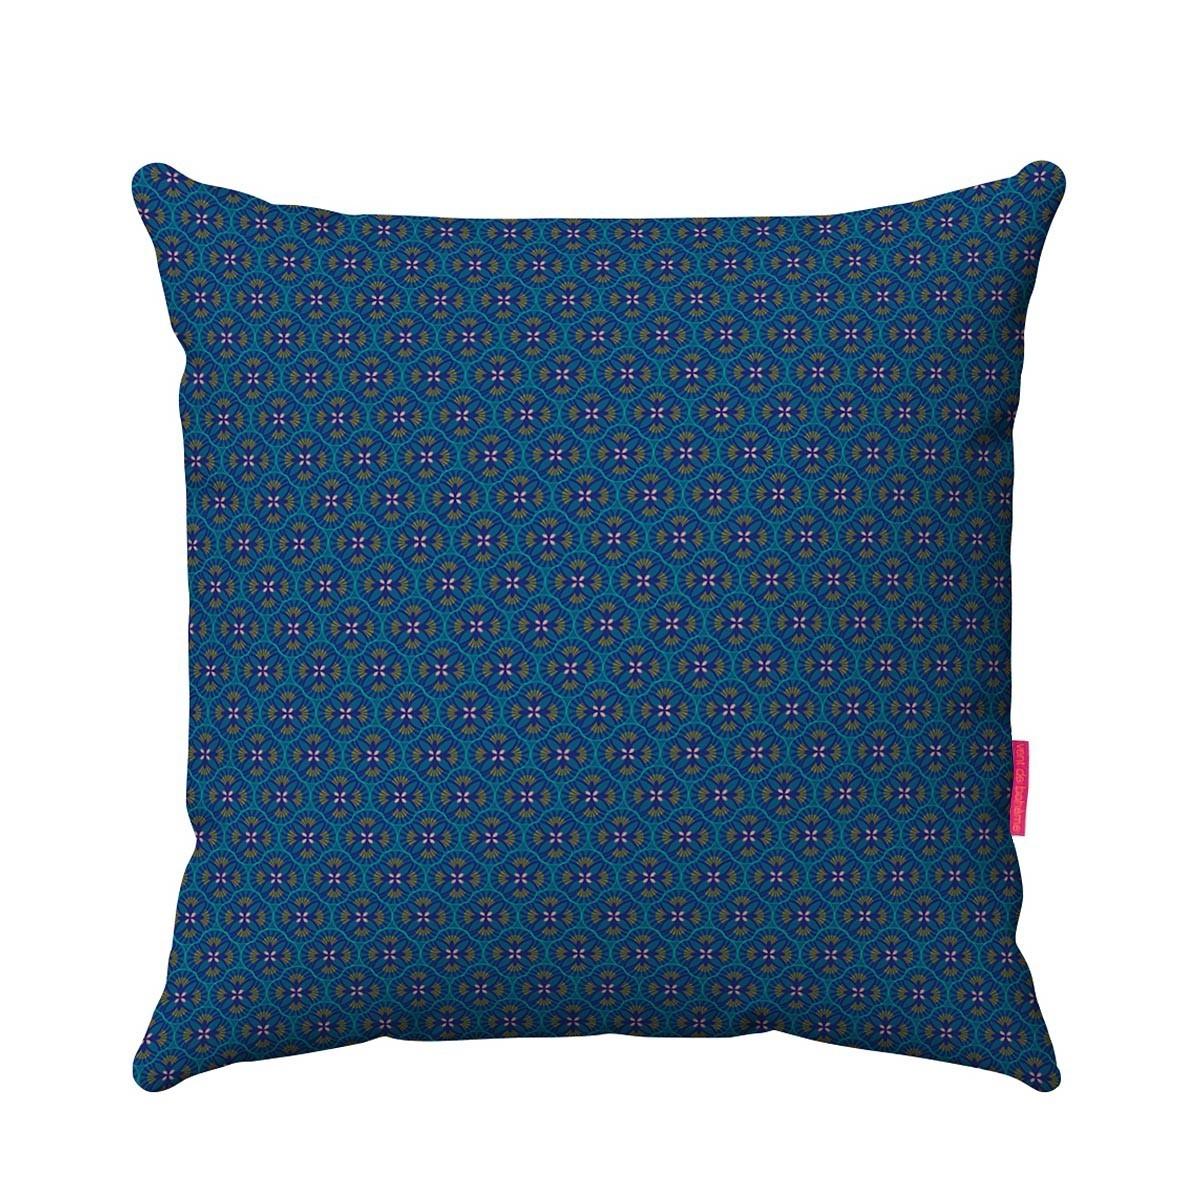 Housse de coussin outdoor bleu 45x45 cm